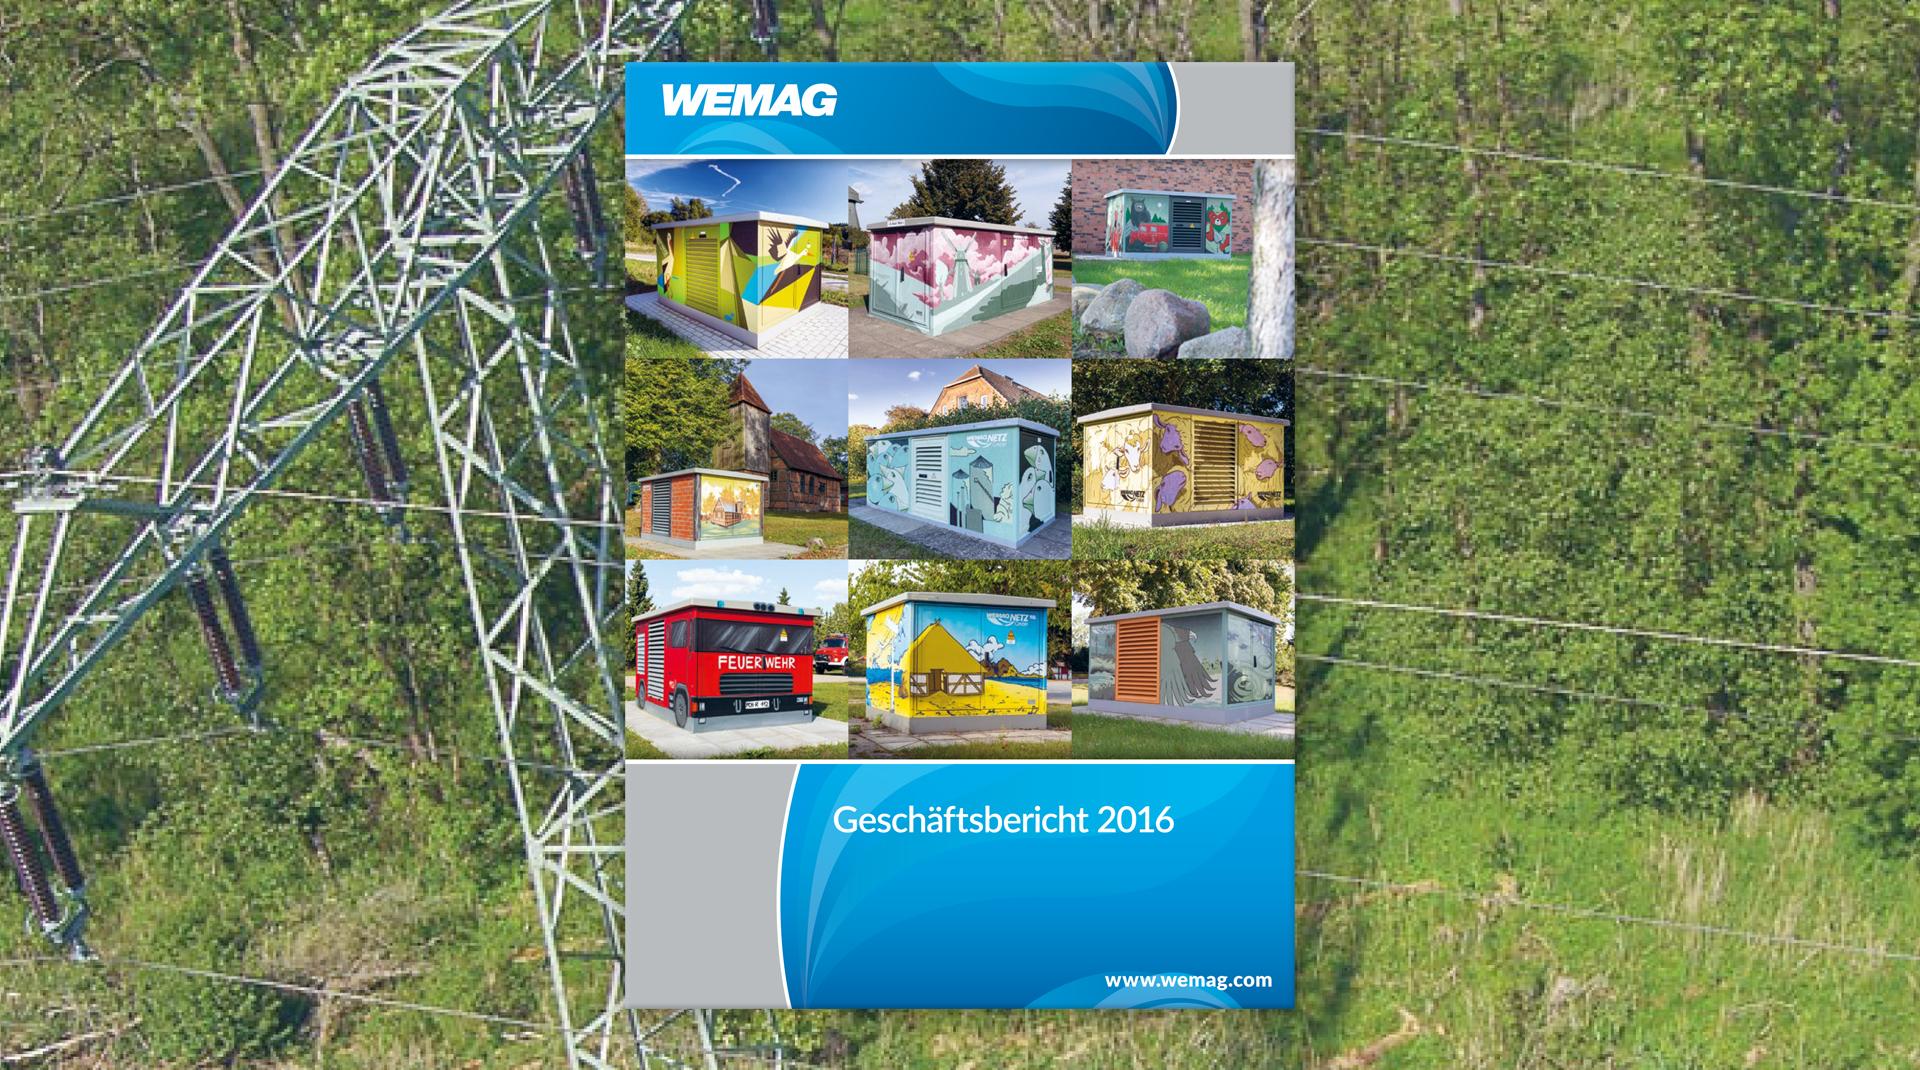 Titel des WEMAG AG Geschäftsberichts 2016